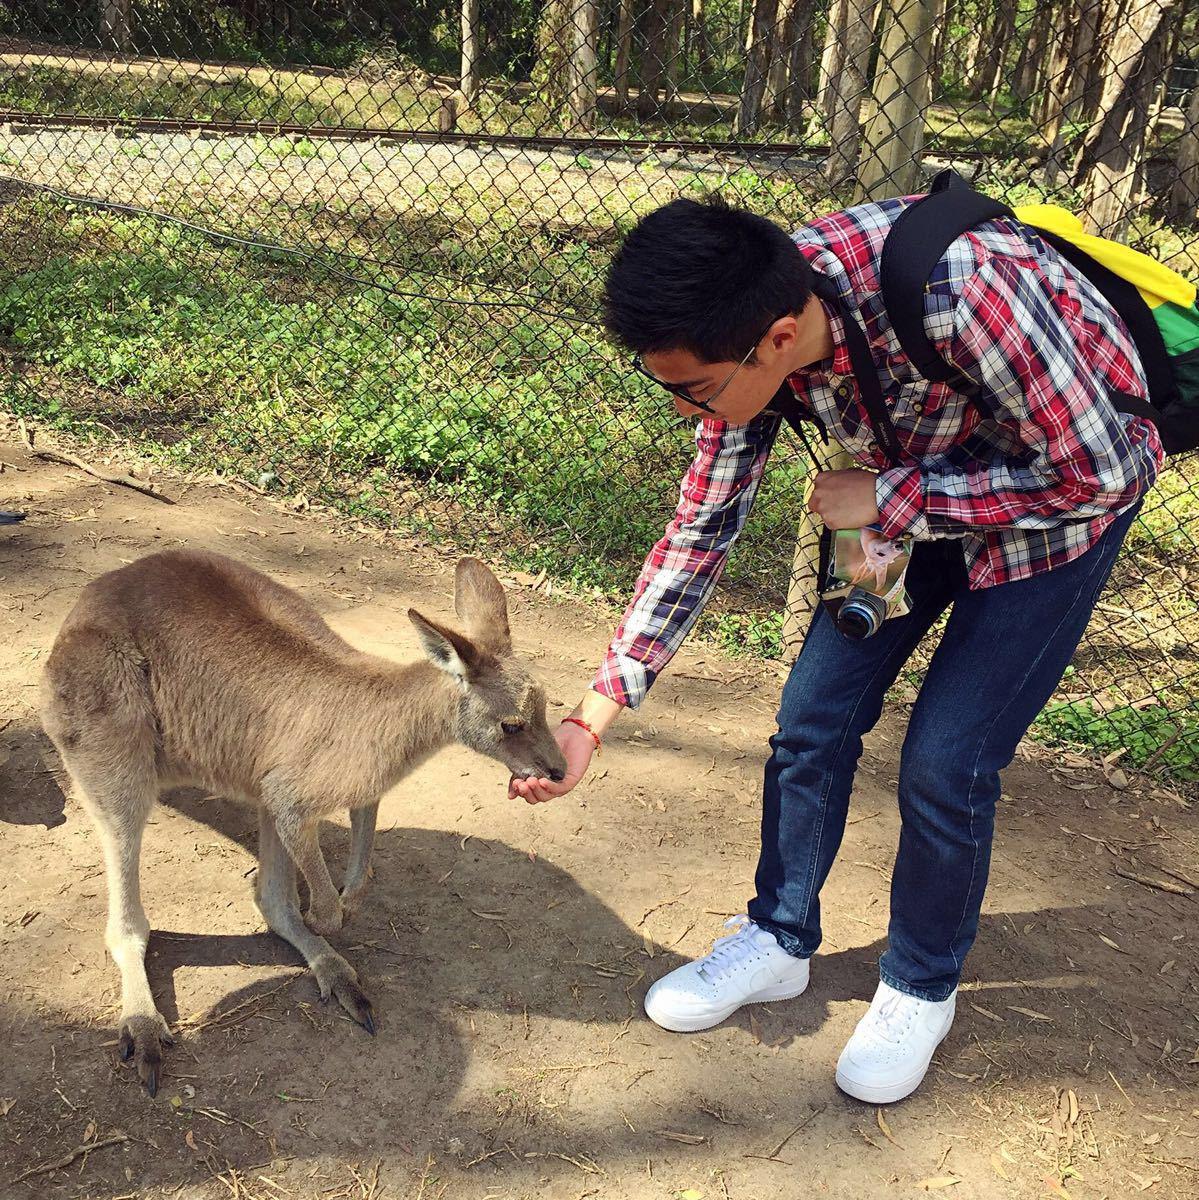 可伦宾野生动物保护区